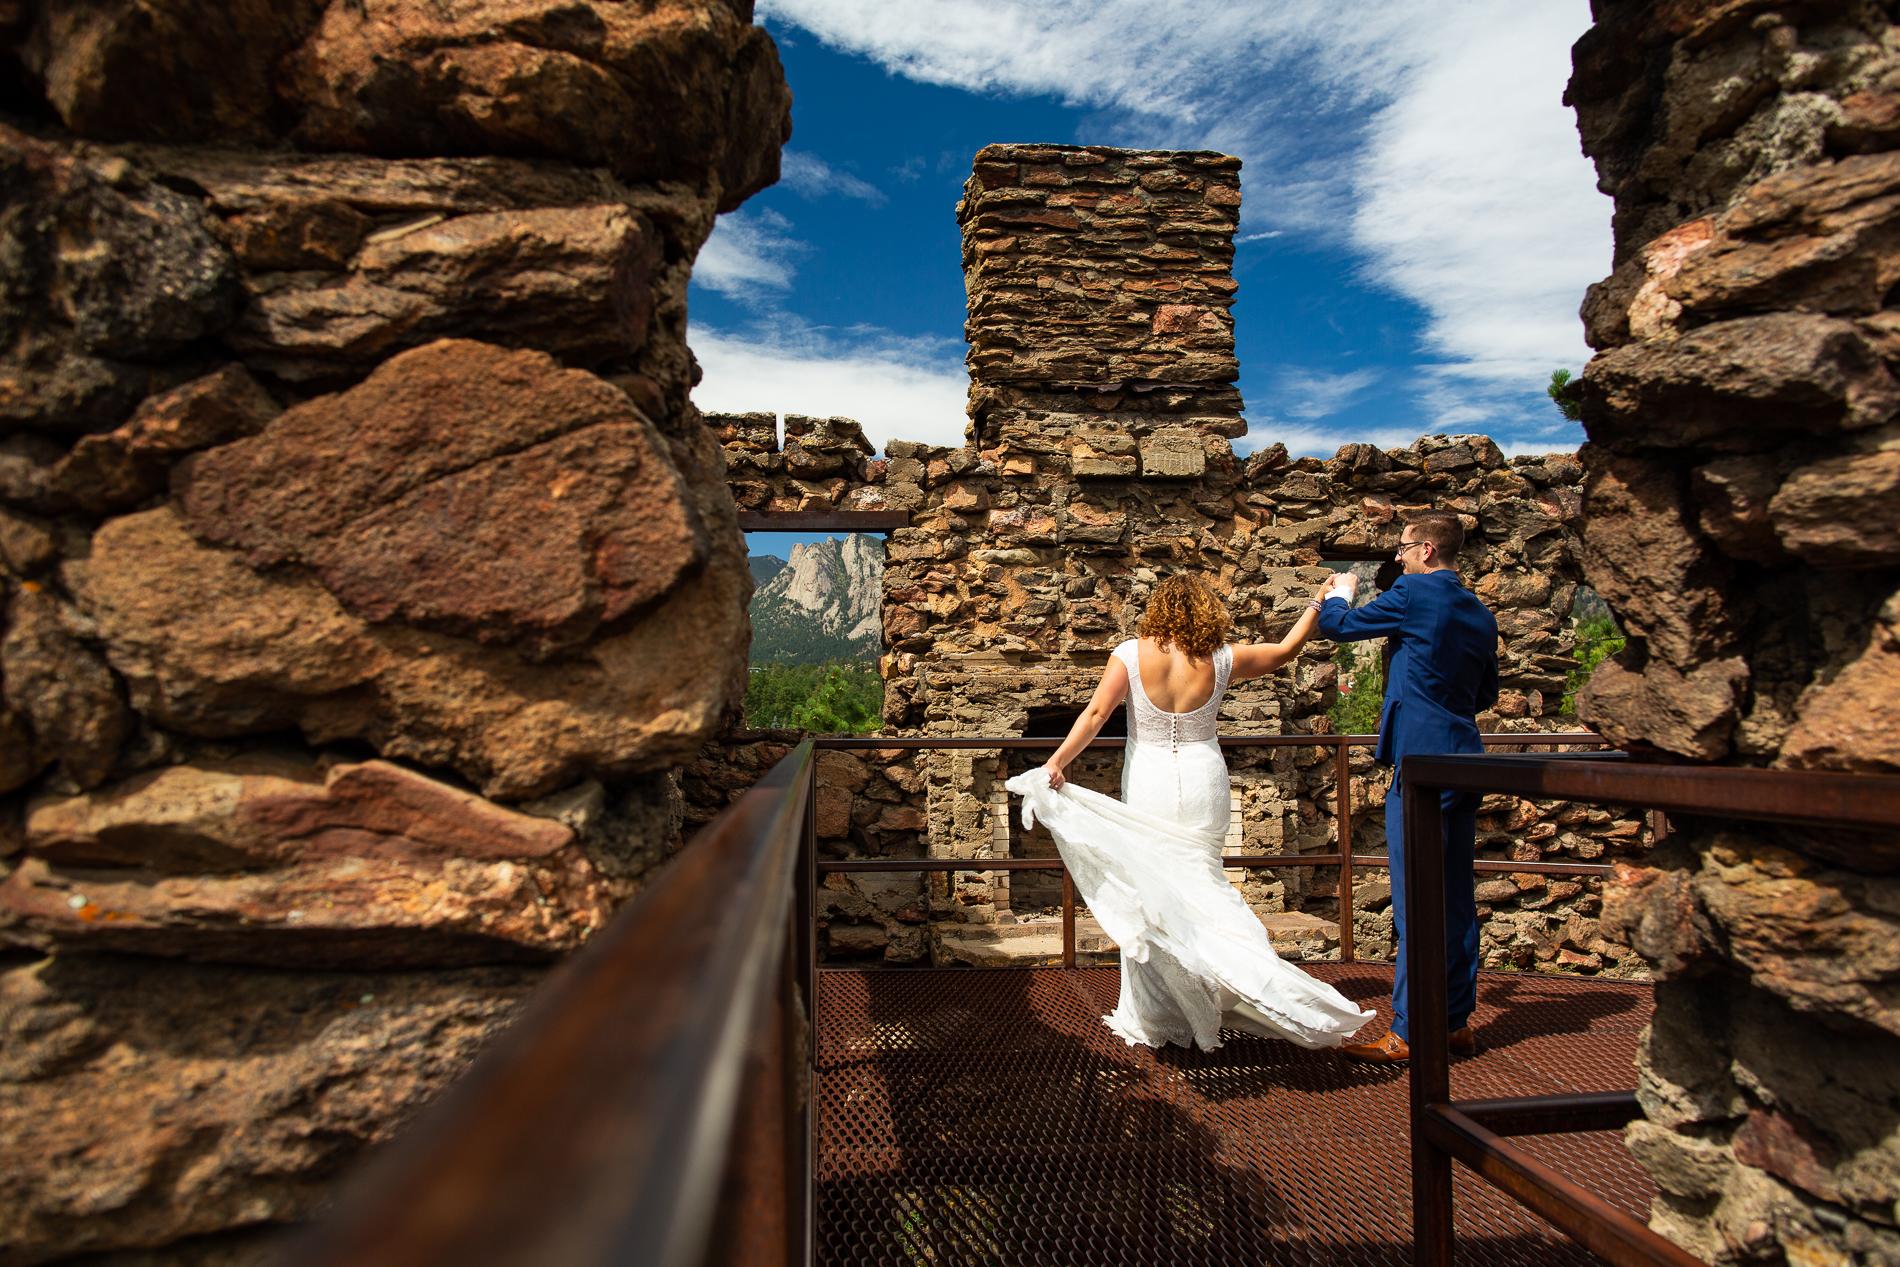 Les jeunes mariés partagent une danse dans les ruines d'un château voisin. Ce que vous ne pouvez pas voir, ce sont leurs amis qui chantent une chanson de rap torride pour leur donner un rythme sur lequel se balancer. Photo de fuite de Black Canyon Inn, Estes Park Colorado